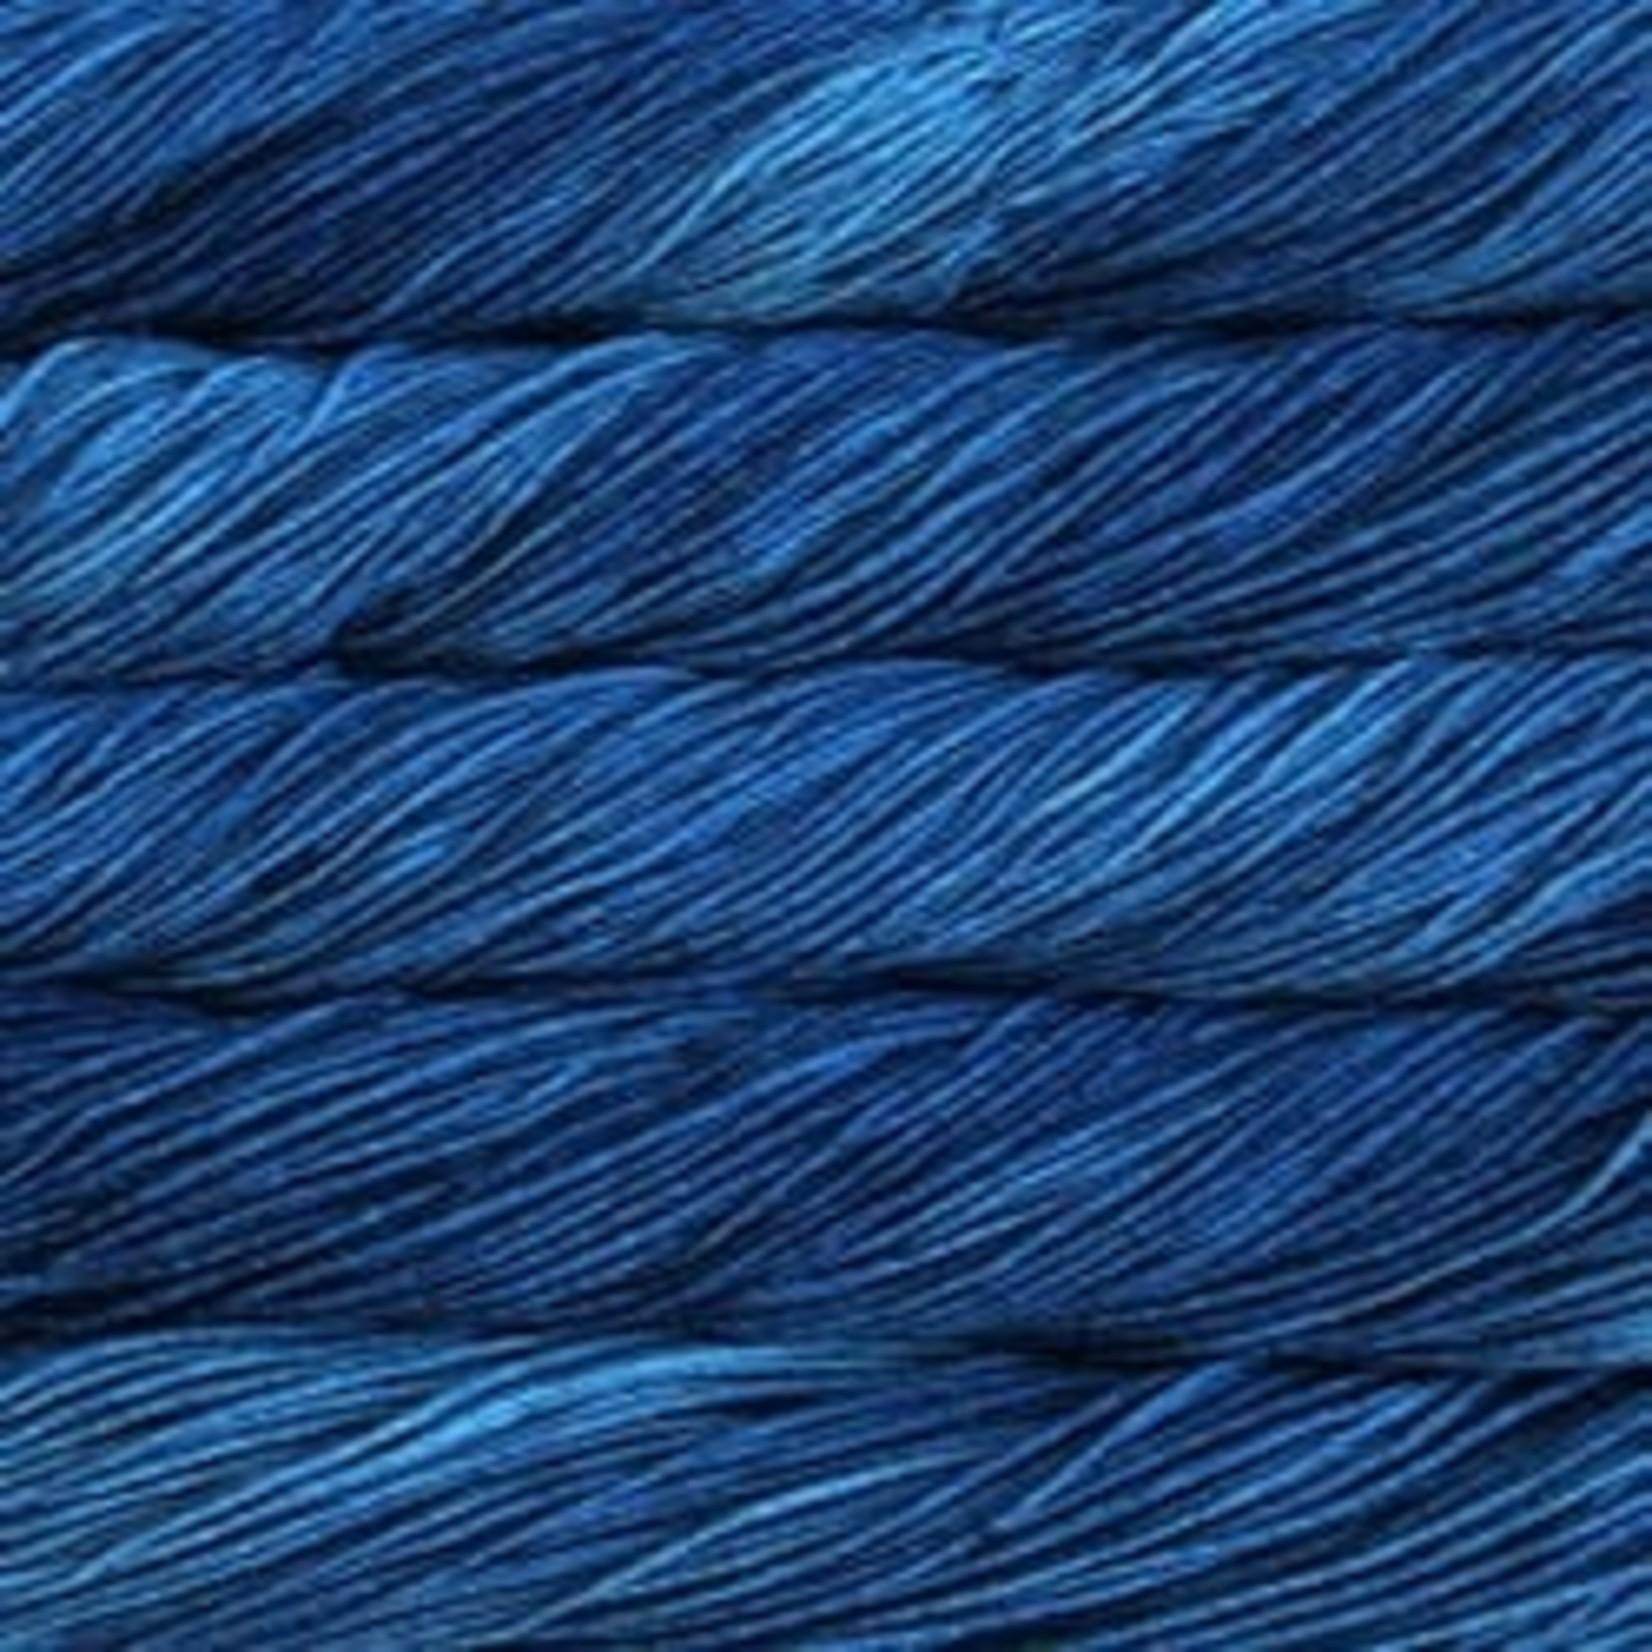 Malabrigo Rios, RIO210, Blue Jean